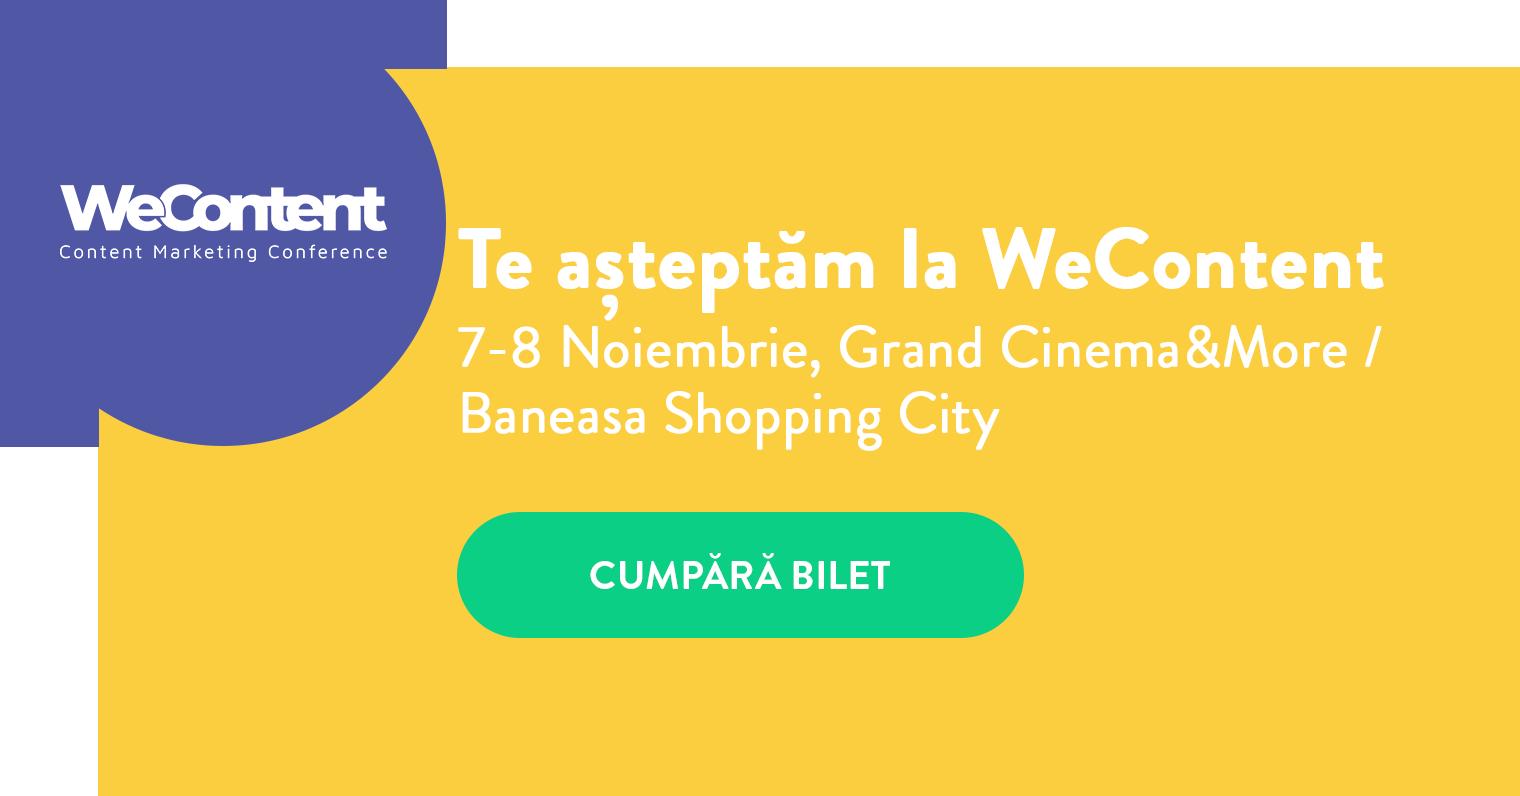 wecontent-cta-articol